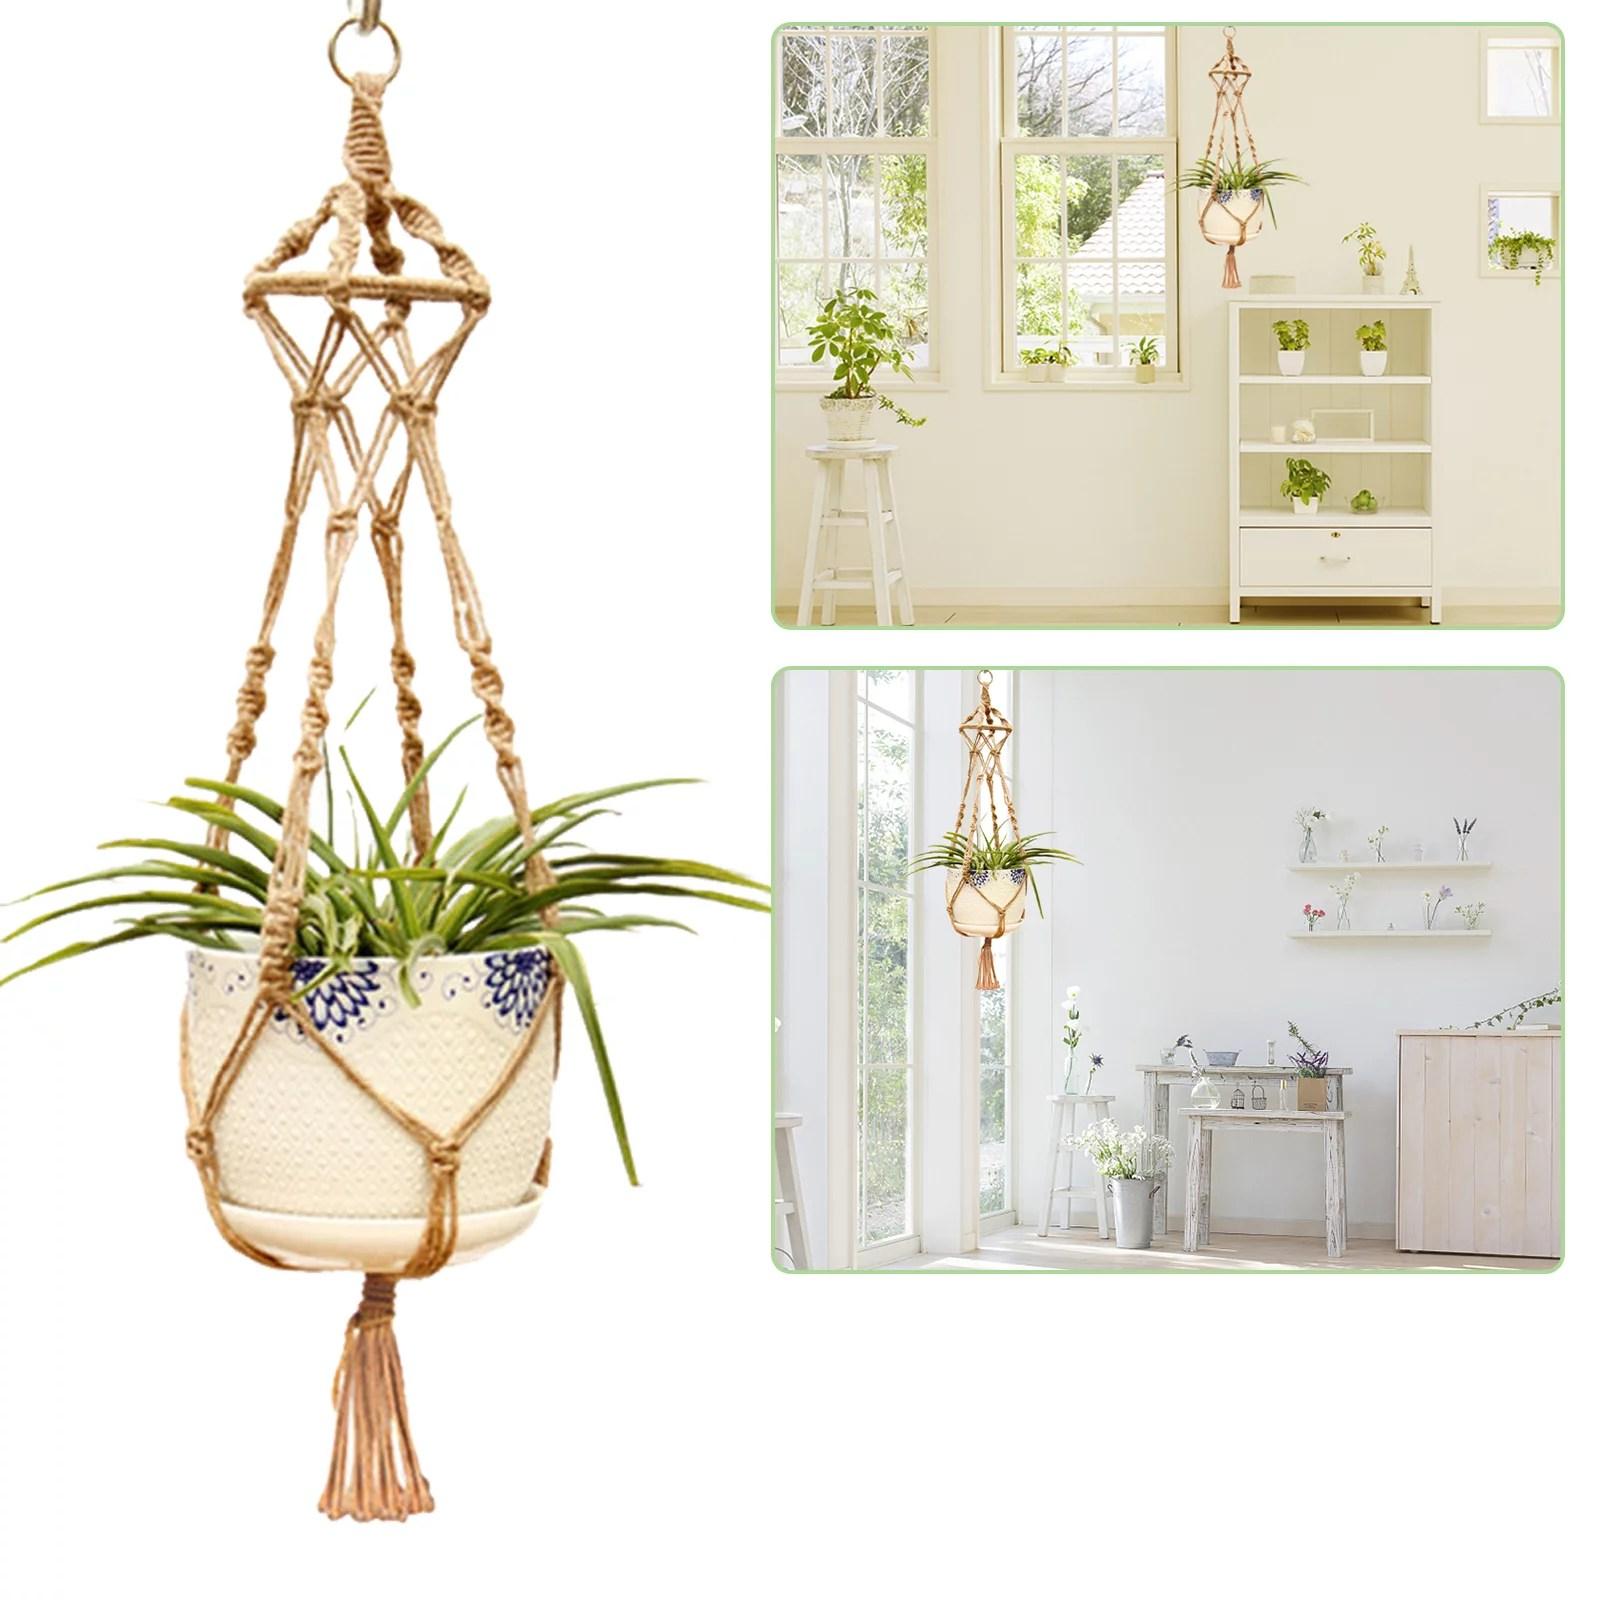 EEEkit Macrame Plant Hangers Indoor Hanging Planter Basket ... on Hanging Plant Pots Indoor  id=82132